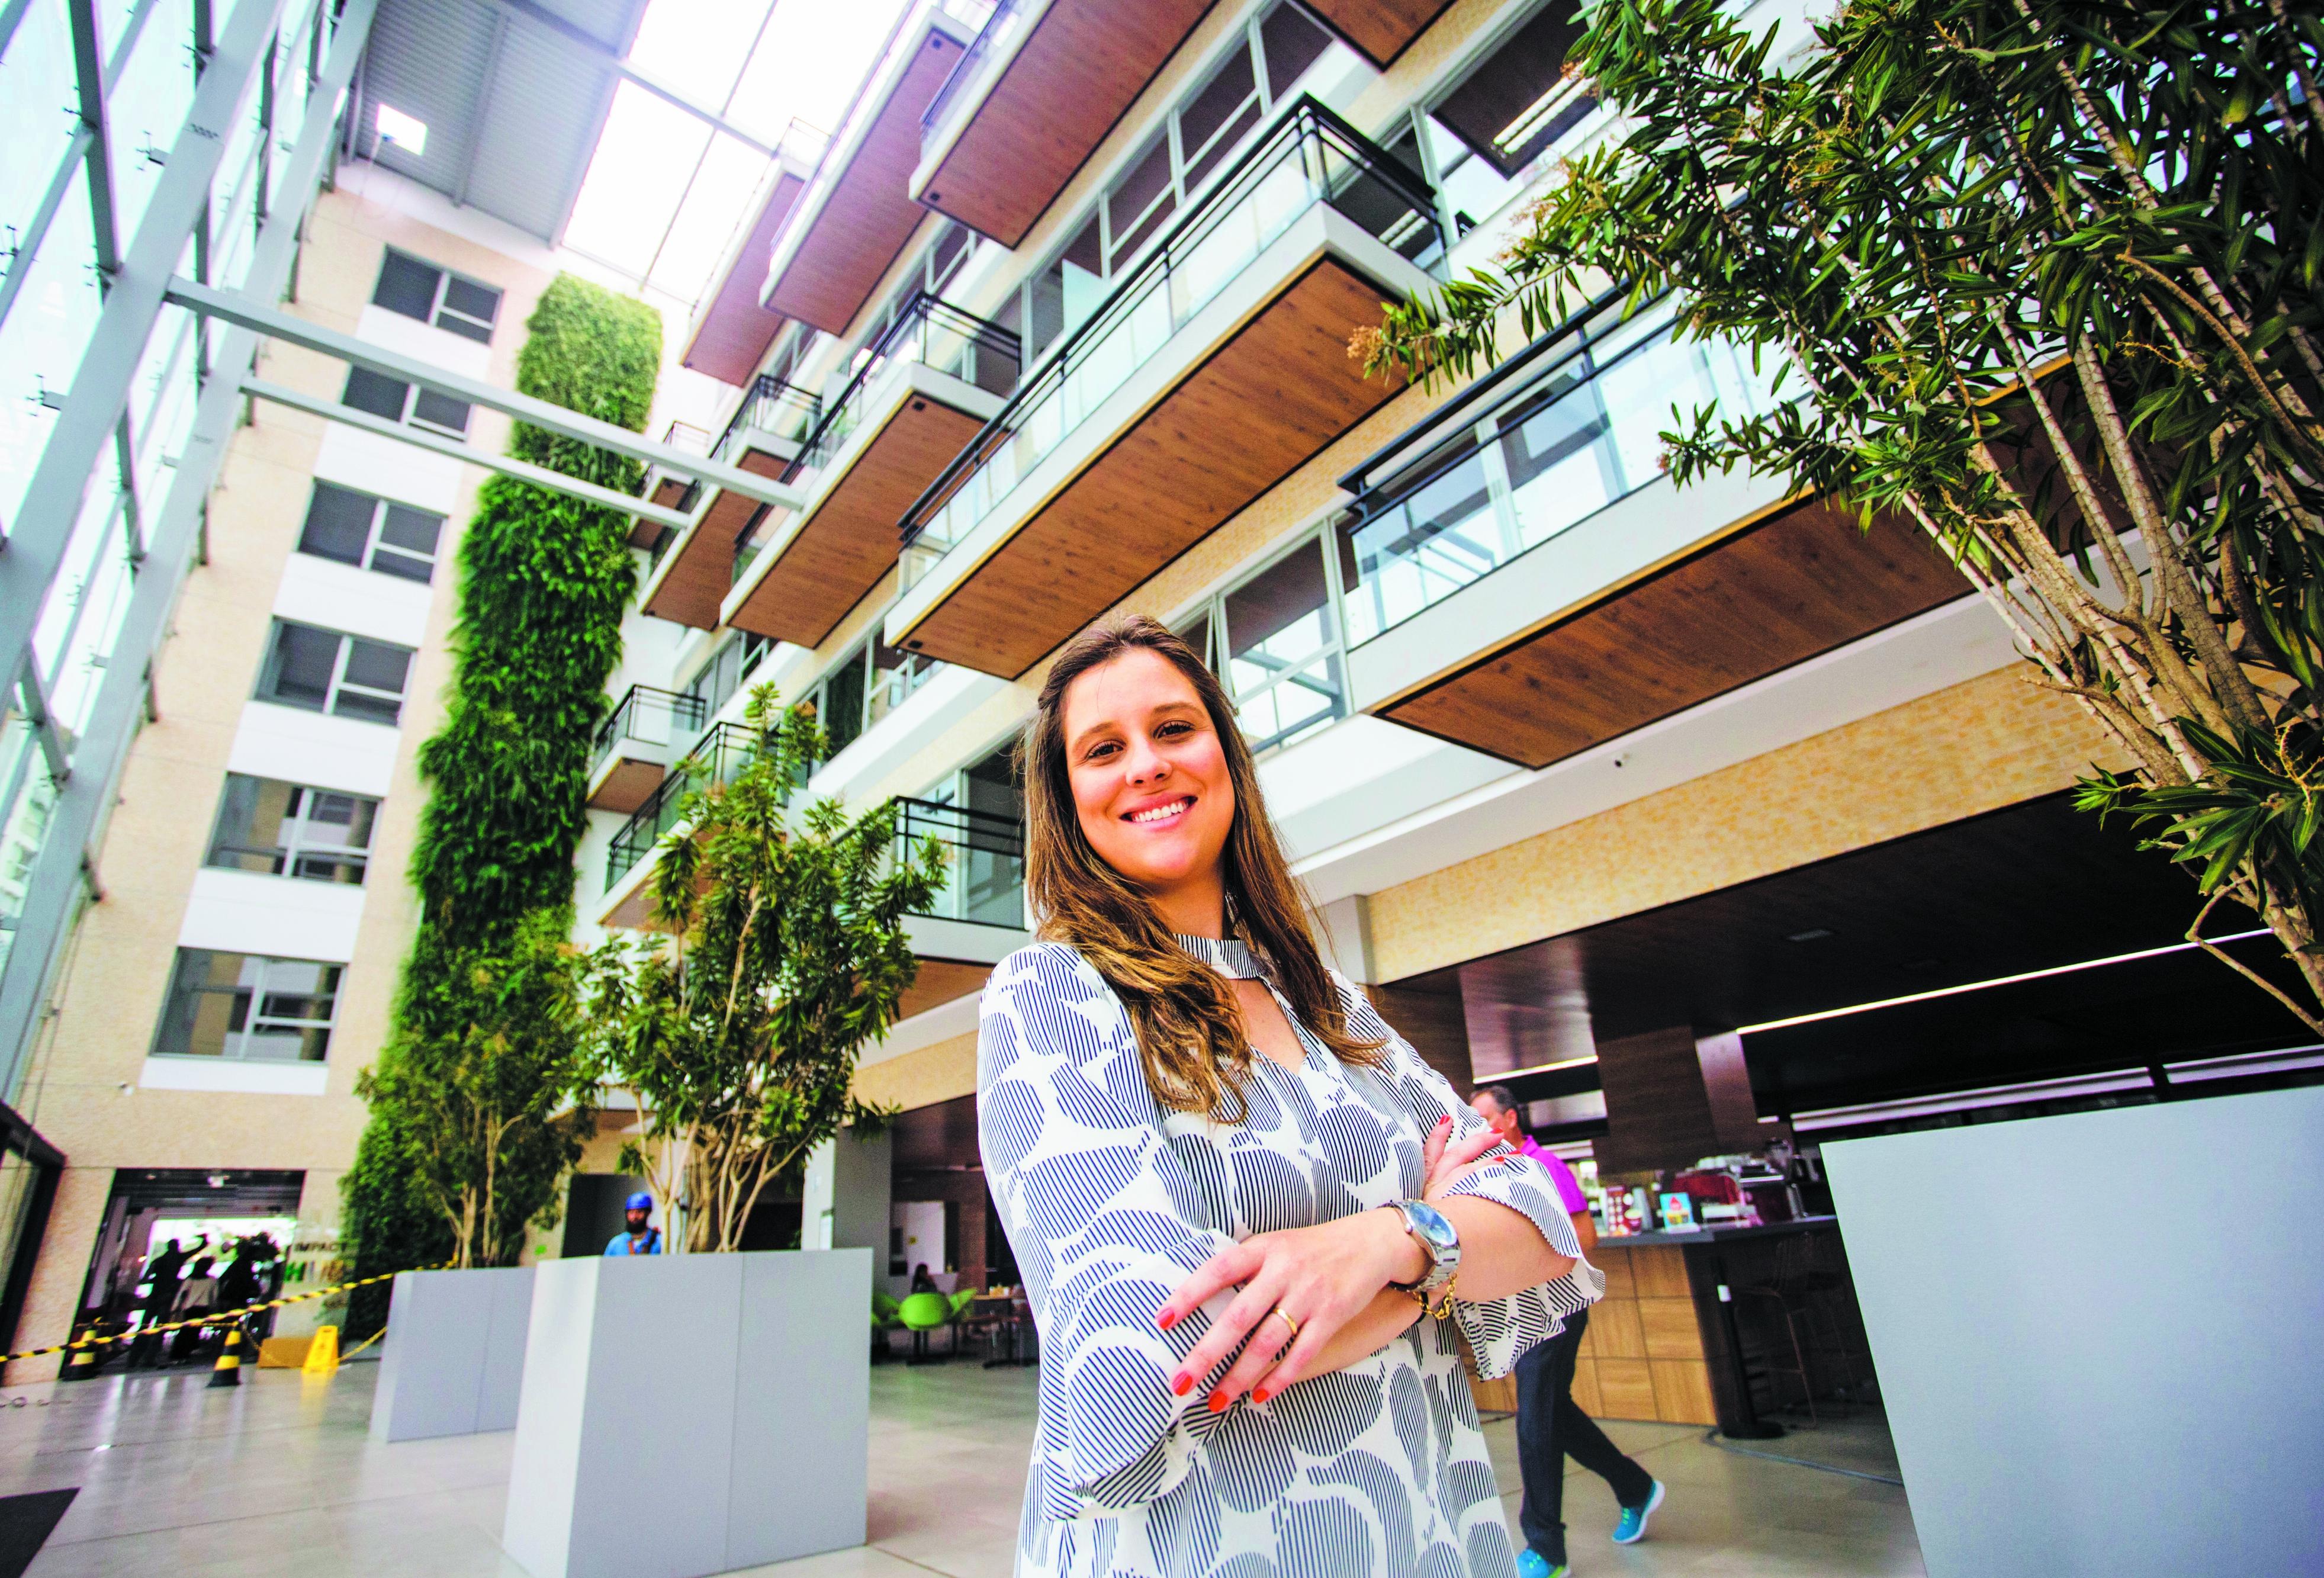 A engenheira Patrícia Philippi explica que a construção favorece a criatividade e o encontro entre colaboradores - Daniel Queiroz/ND